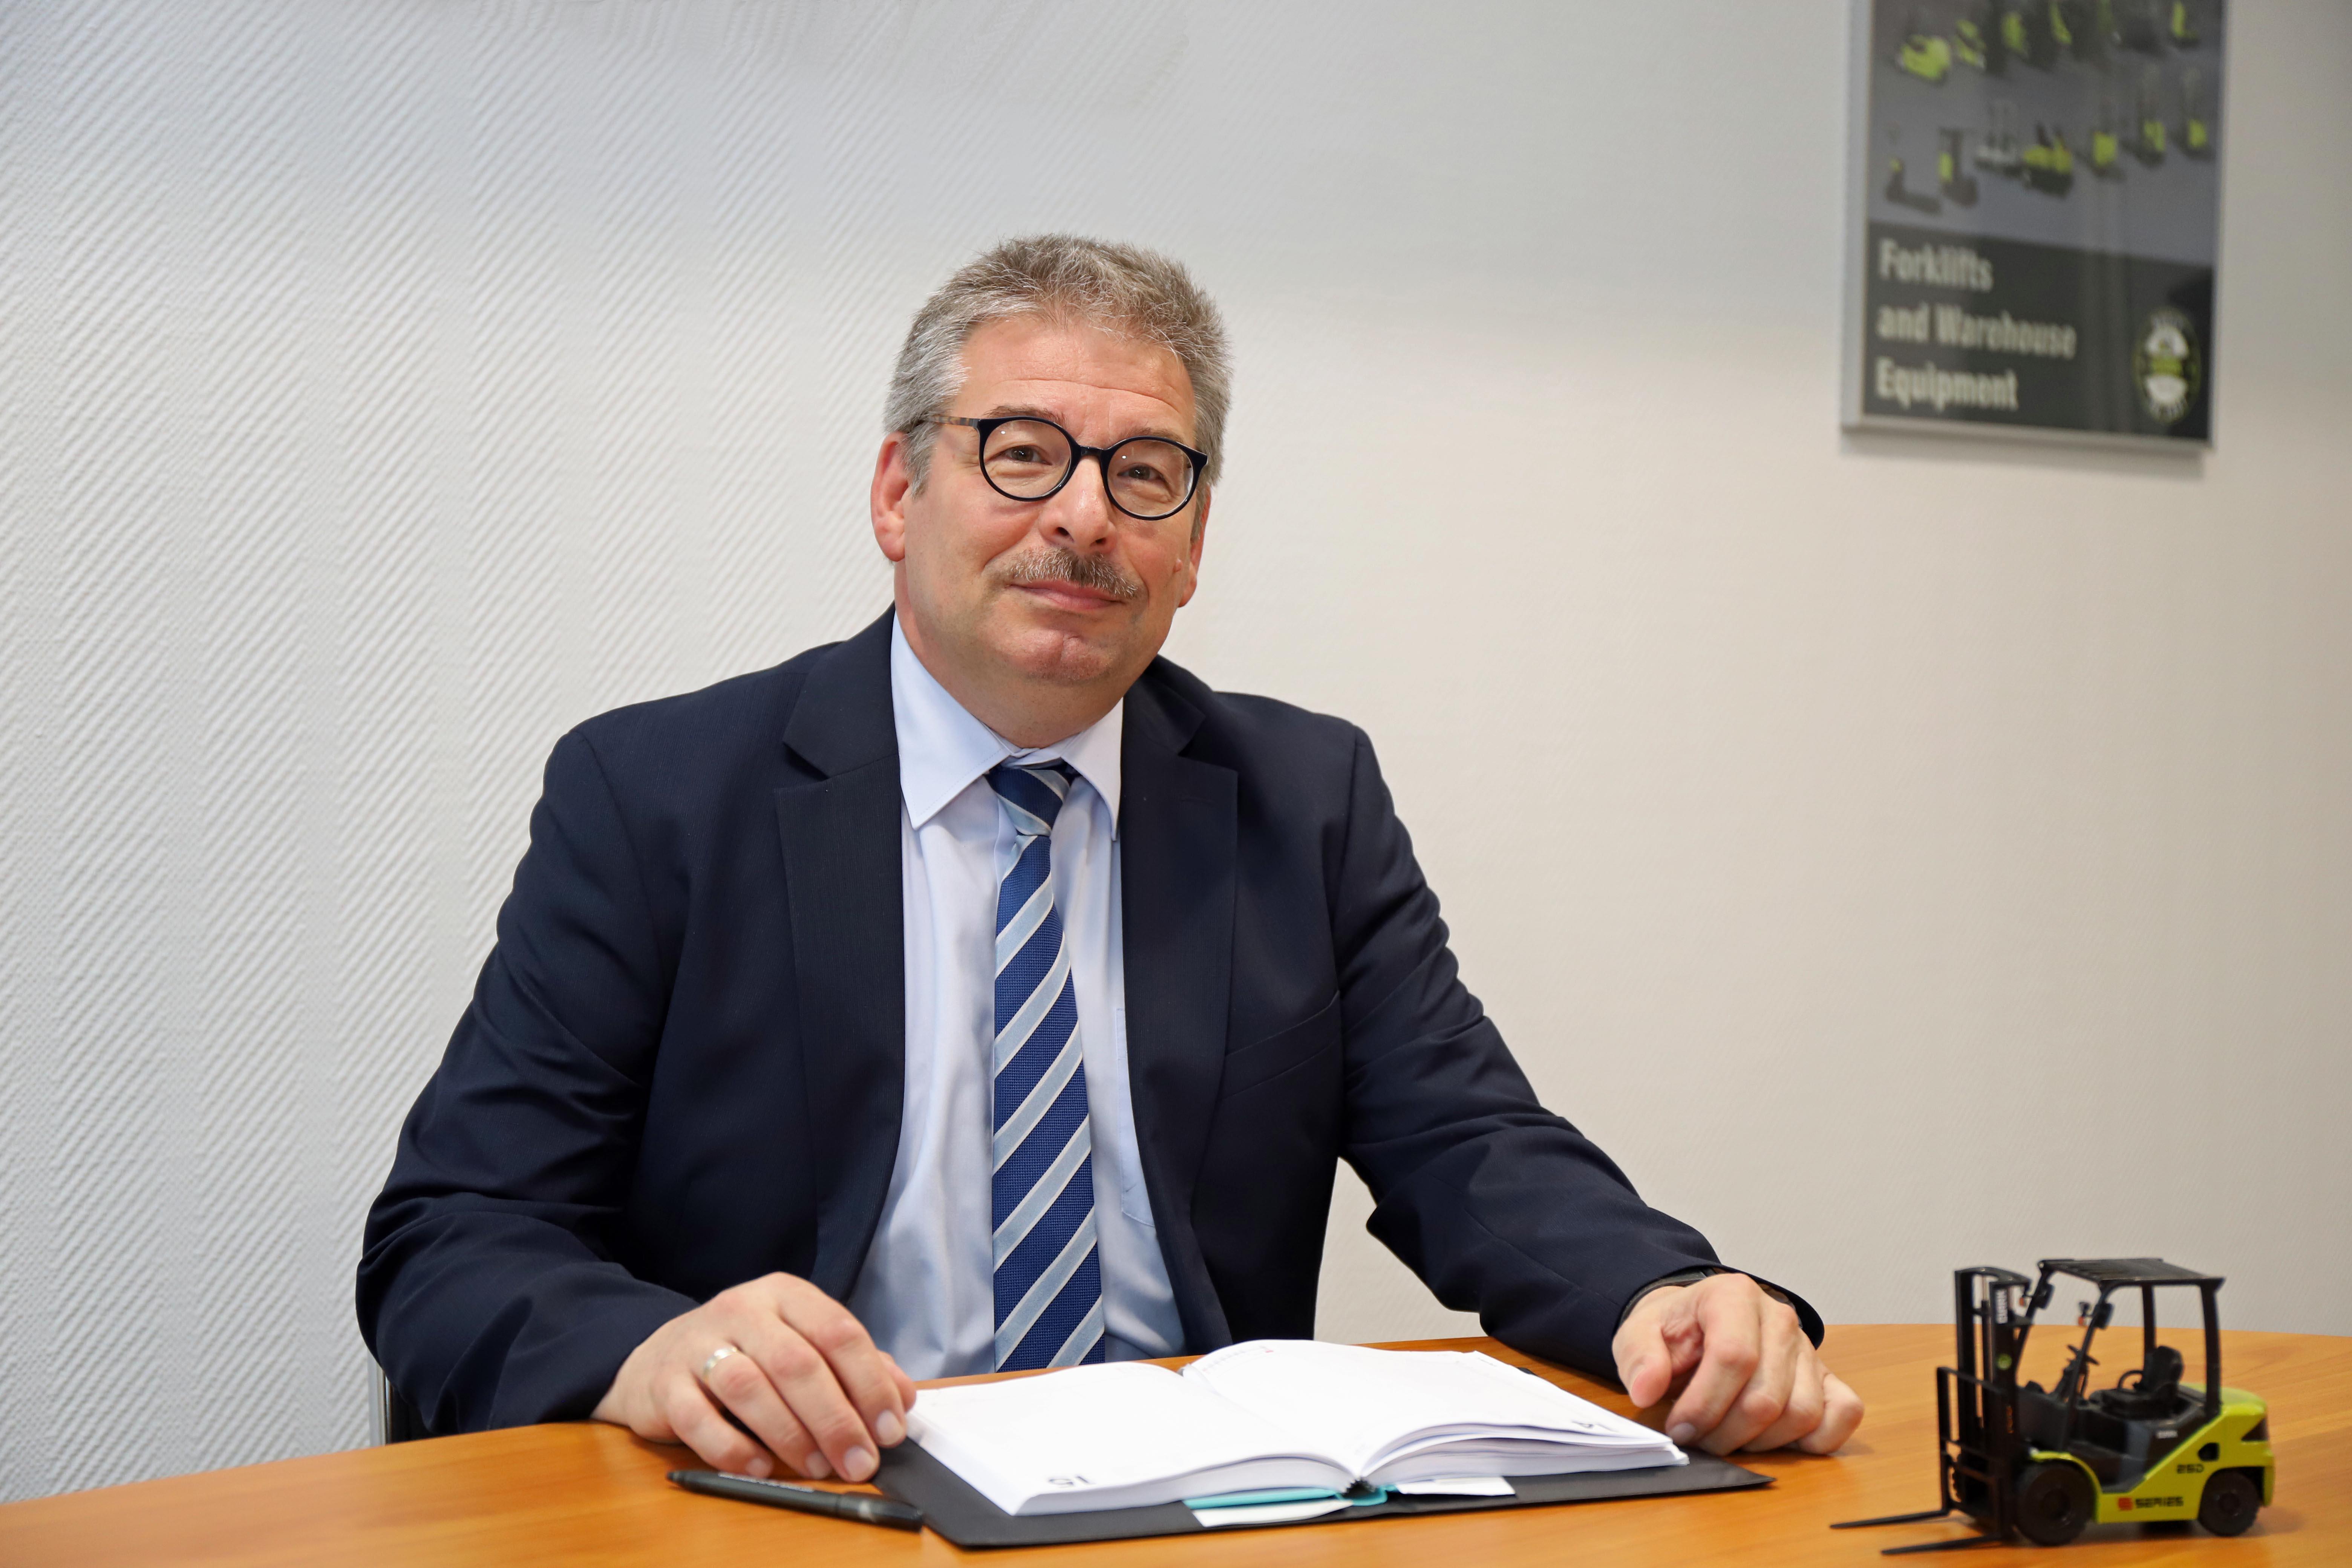 Rolf Eiten, President & CEO, Clark Europe